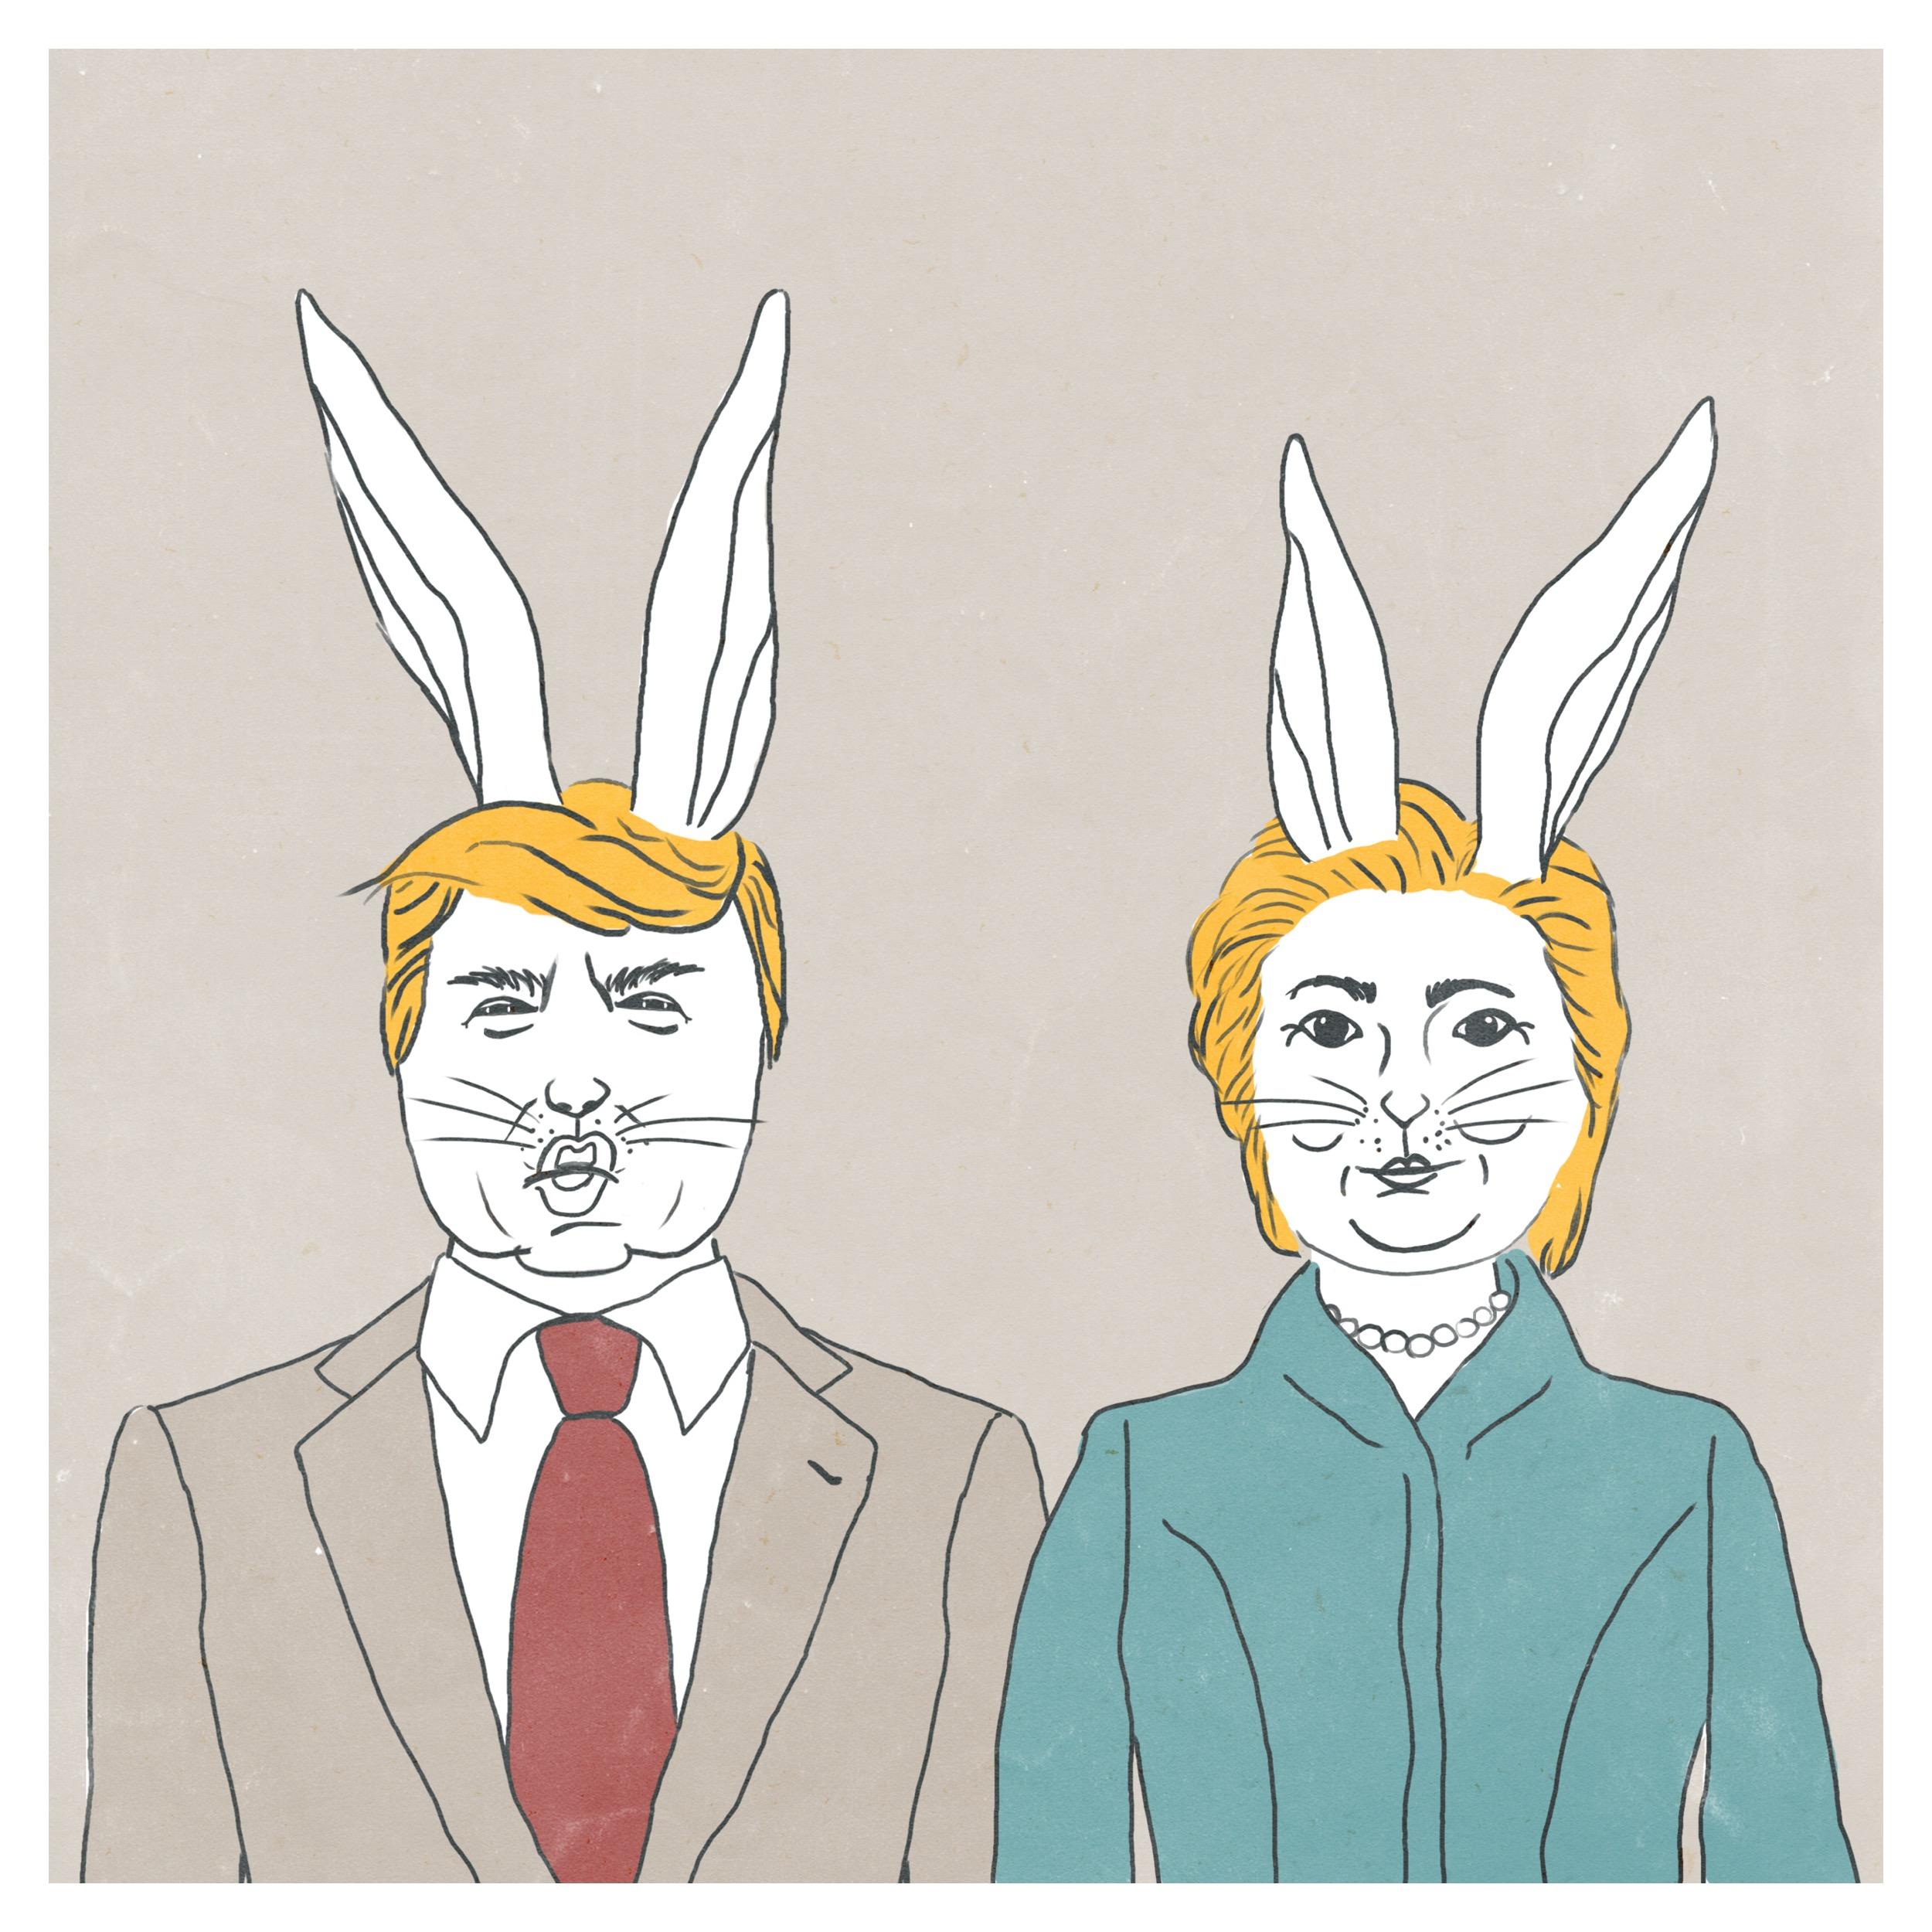 rabbitrabbit_november_trump_hillary_2